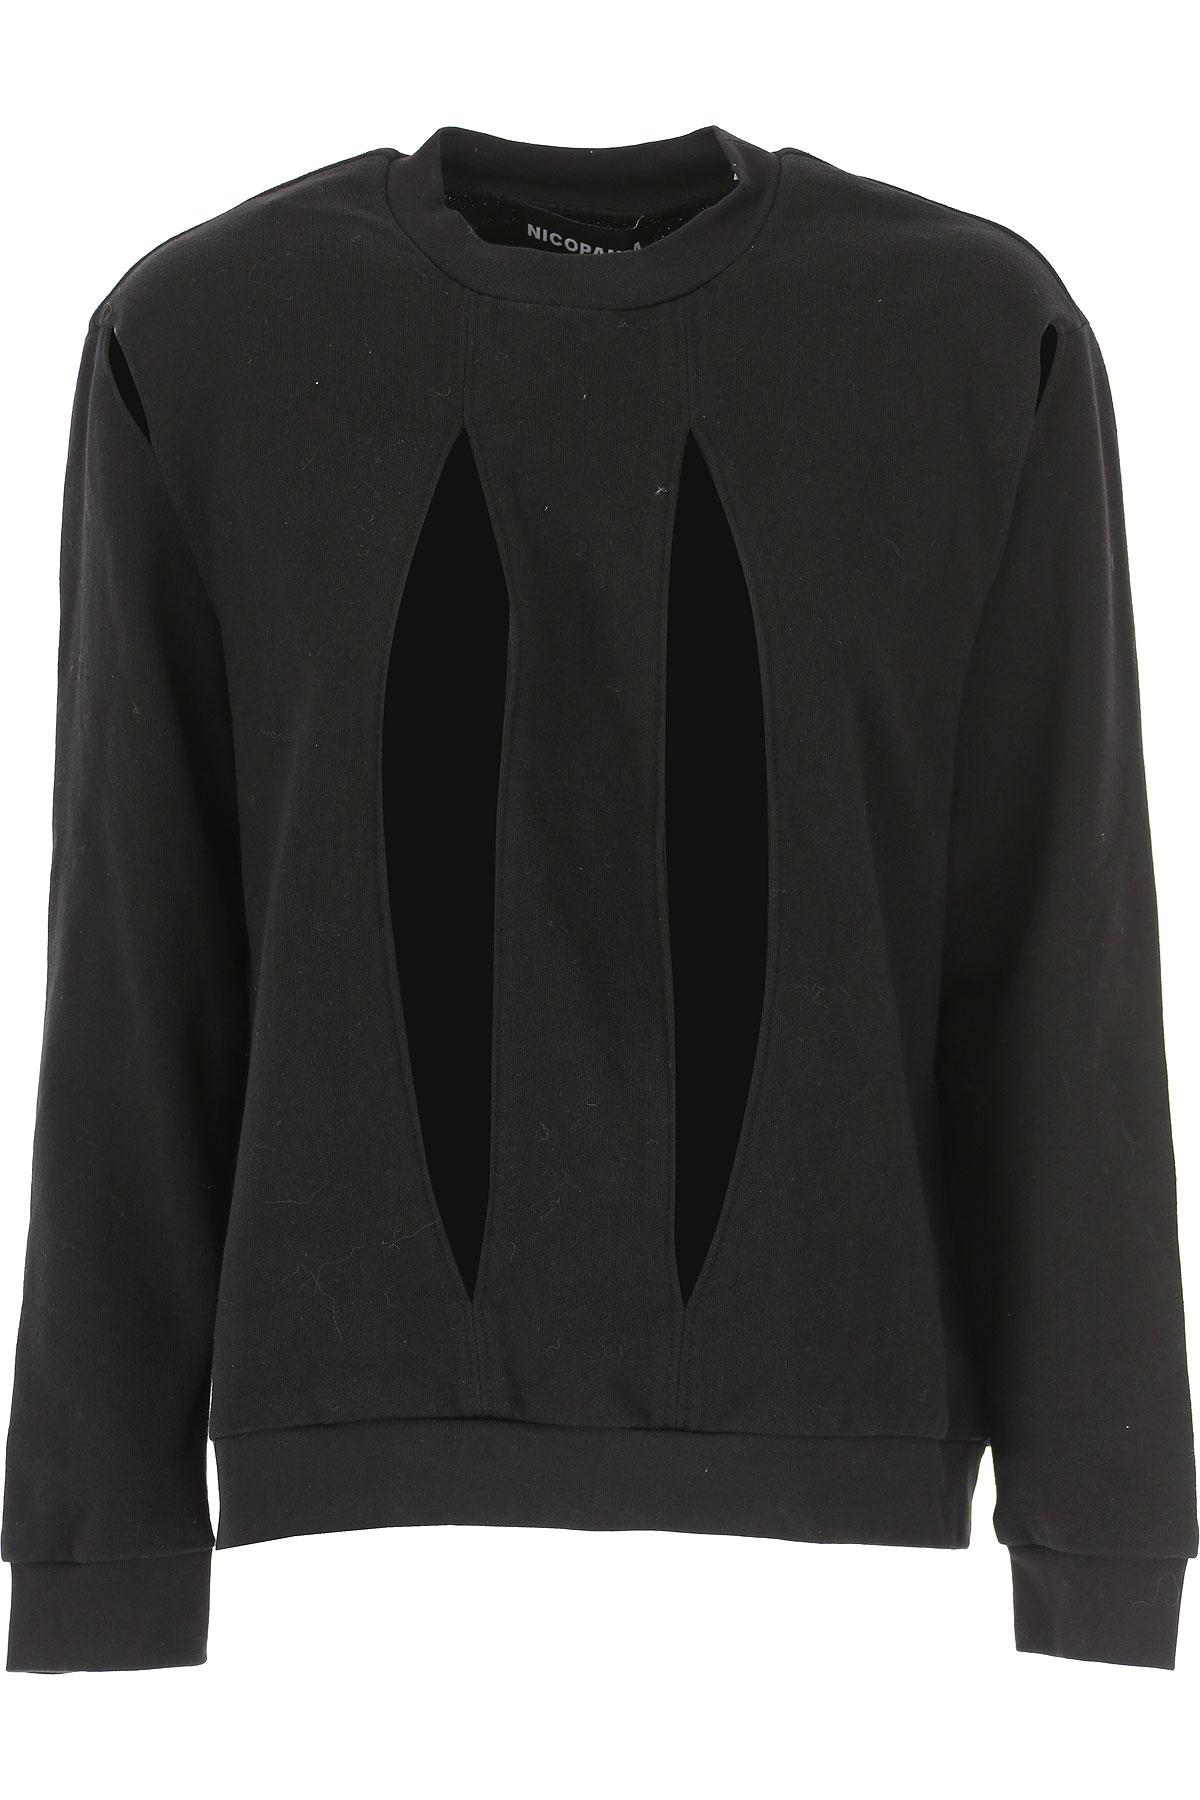 Nicopanda Sweatshirt for Women Pas cher en Soldes Outlet, Noir, Coton, 2019, 38 46